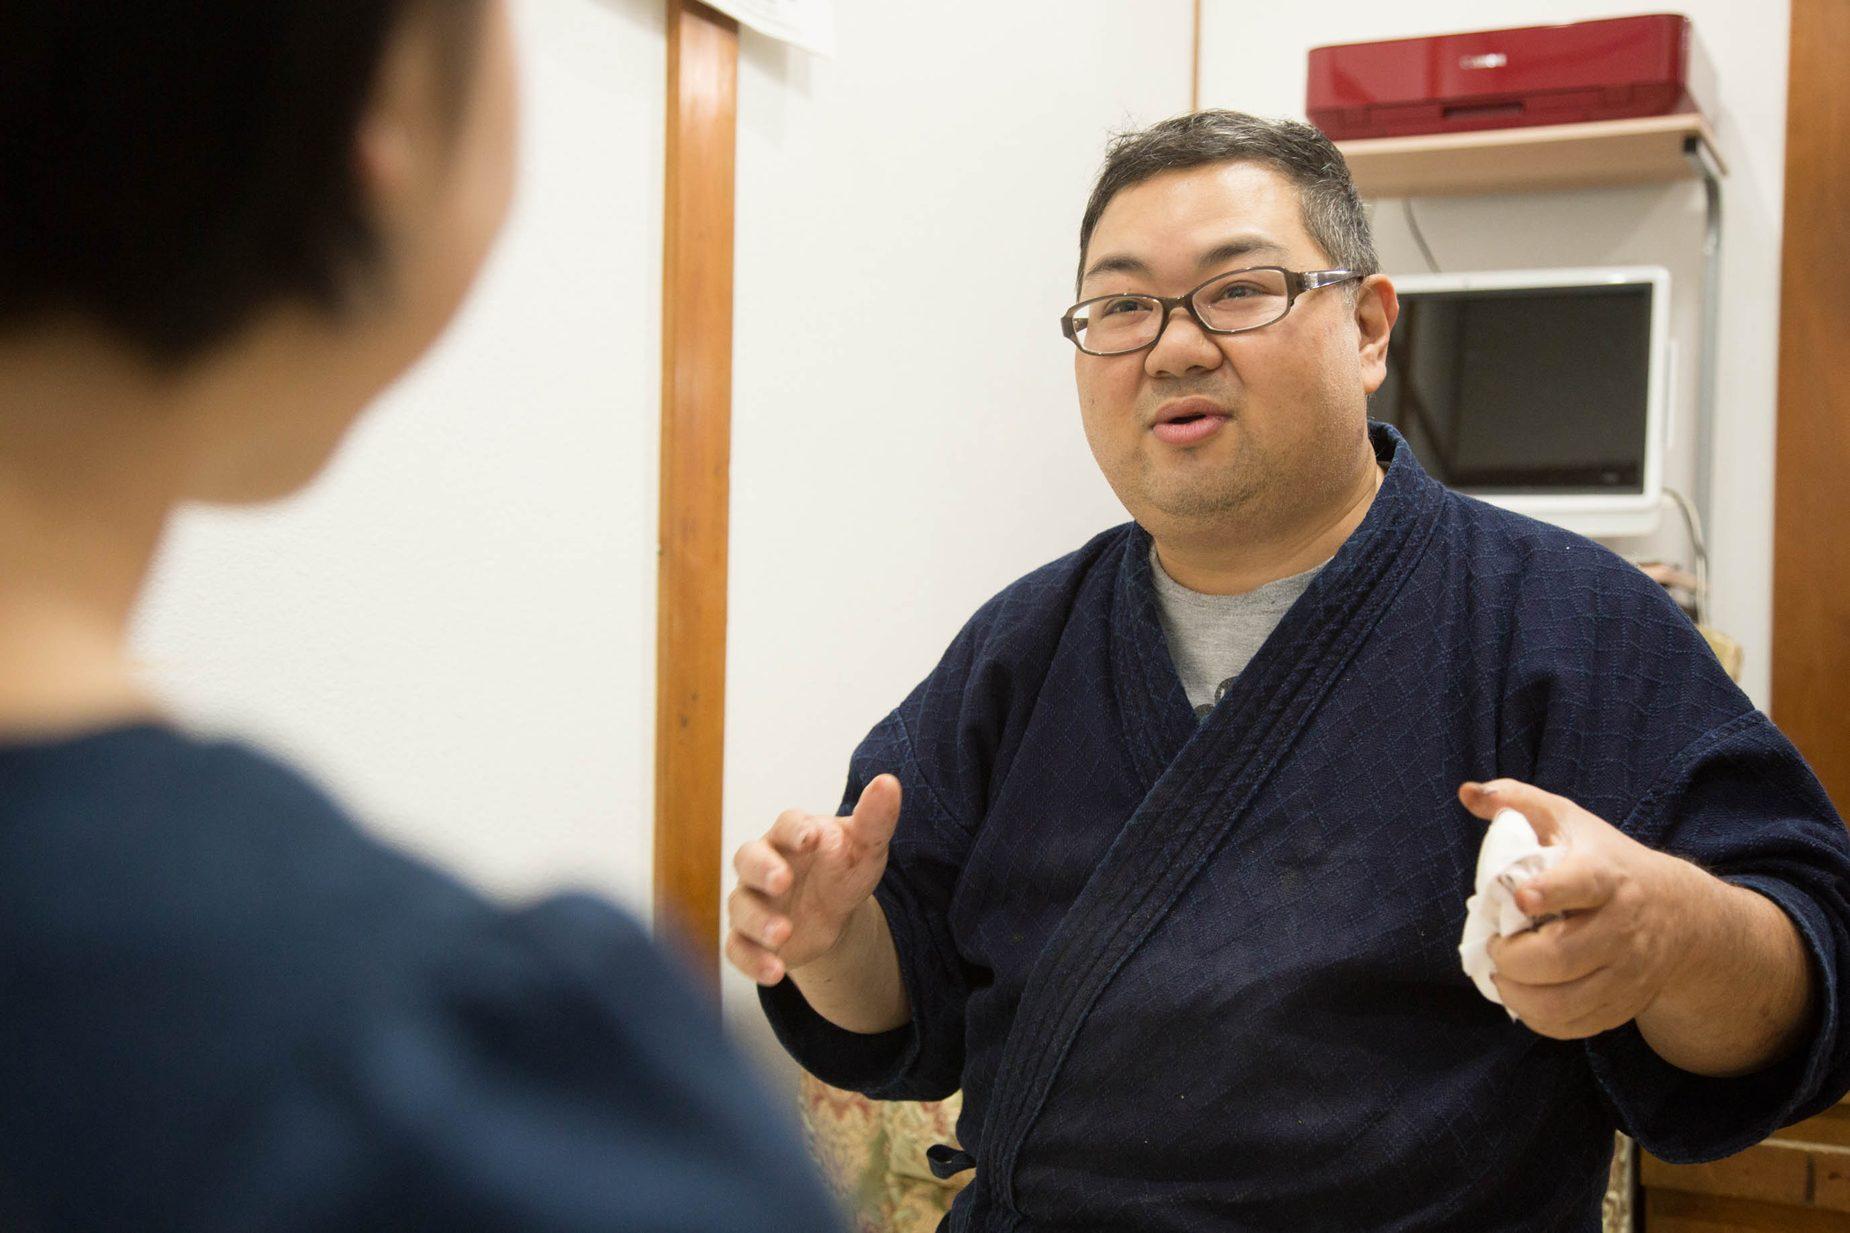 藤澤さんの寺院などの現場仕事は早朝4時30分から。その後工房にて仏具の仕事、自身の商品開発を行います。